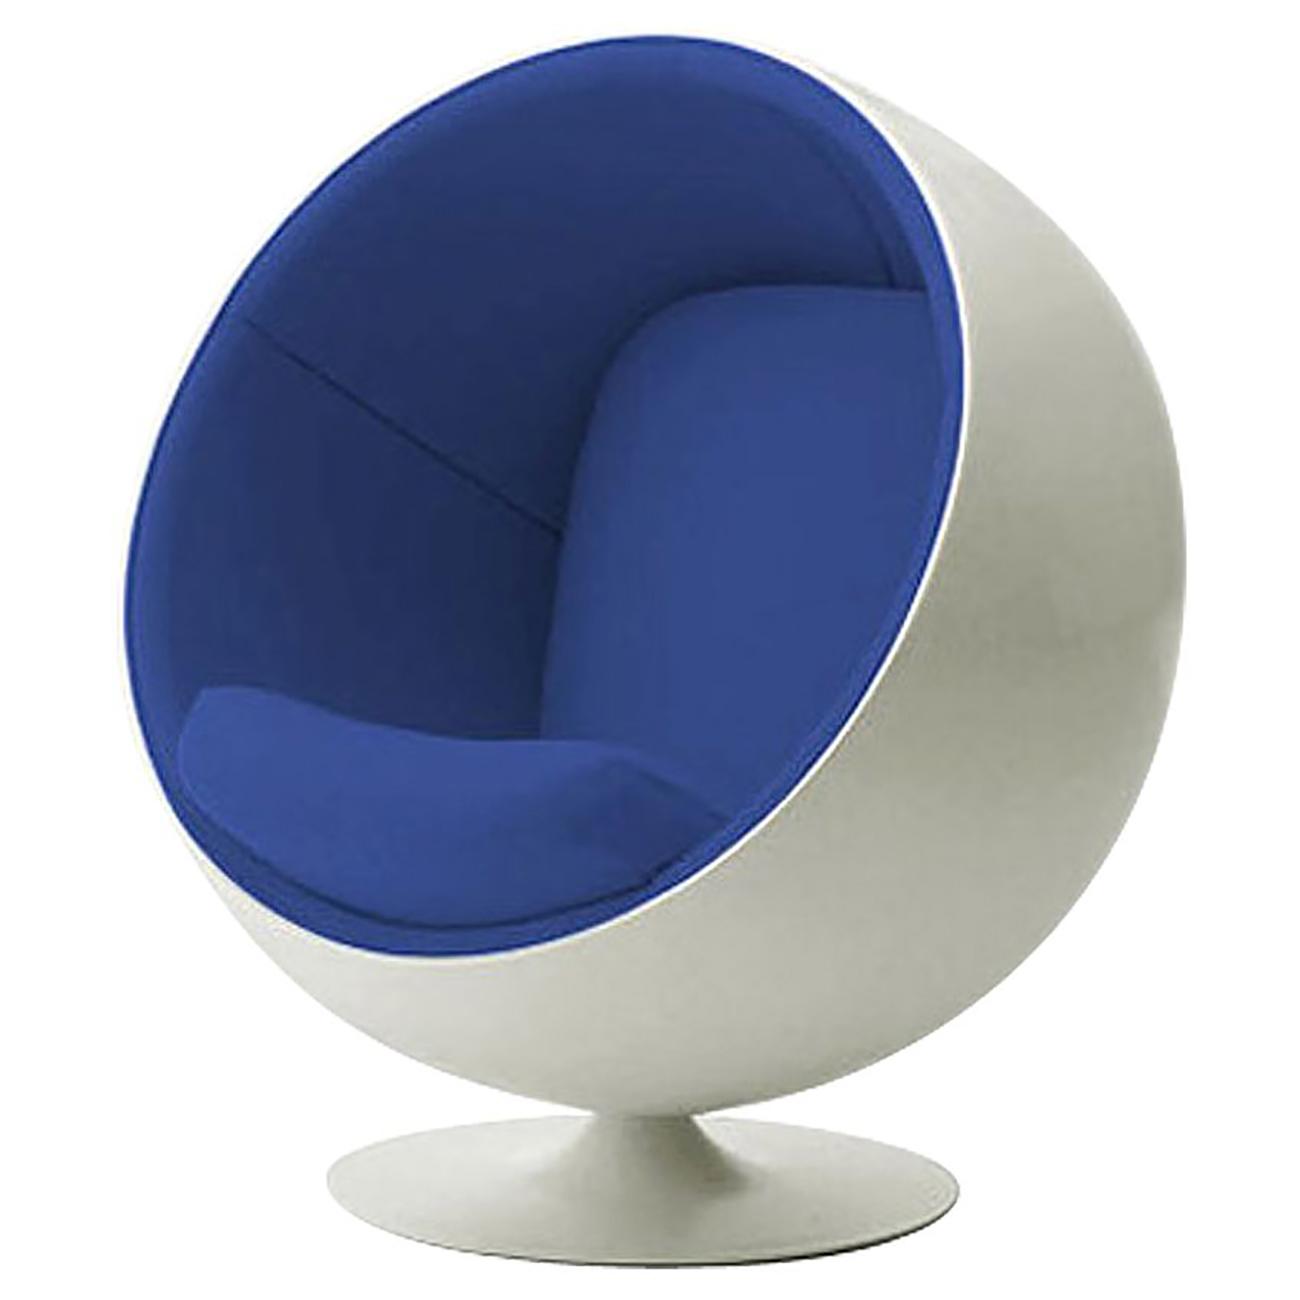 Купить Детское кресло Eero Ball Chair Бело-синее в интернет магазине дизайнерской мебели и аксессуаров для дома и дачи